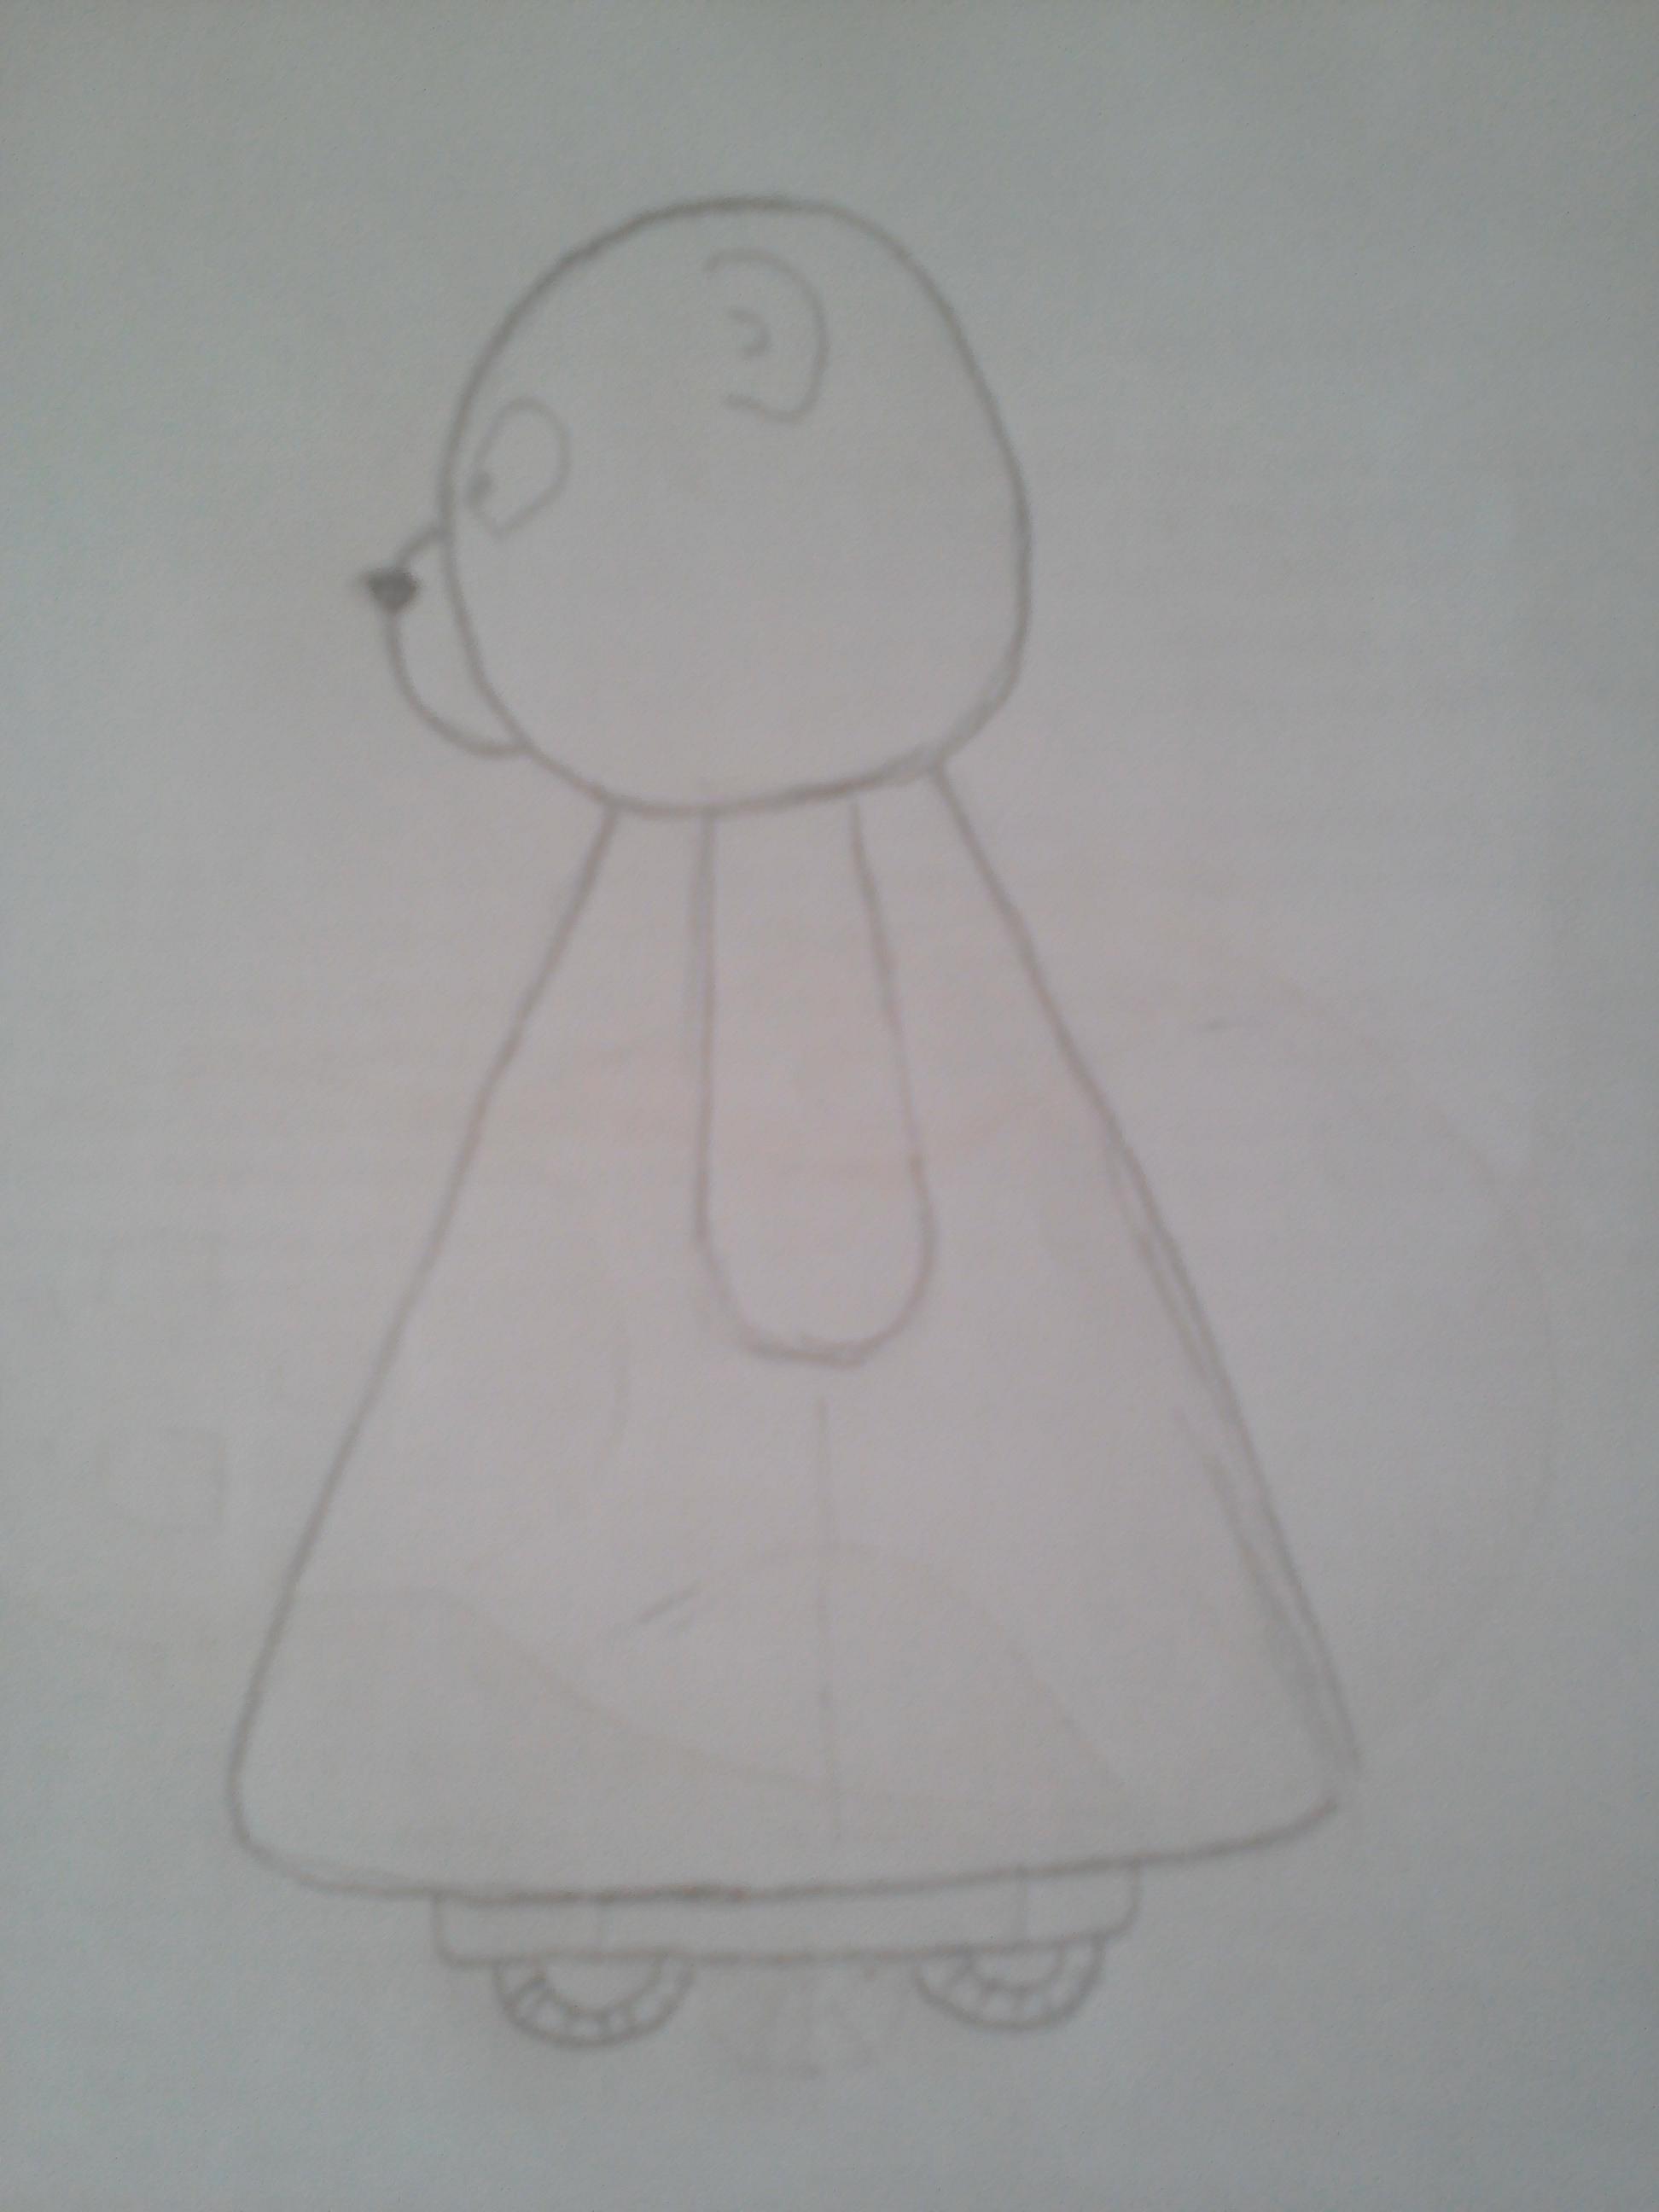 Конкурс на разработку дизайна детского домашнего робота. фото f_3055a7adce4a59d6.jpg